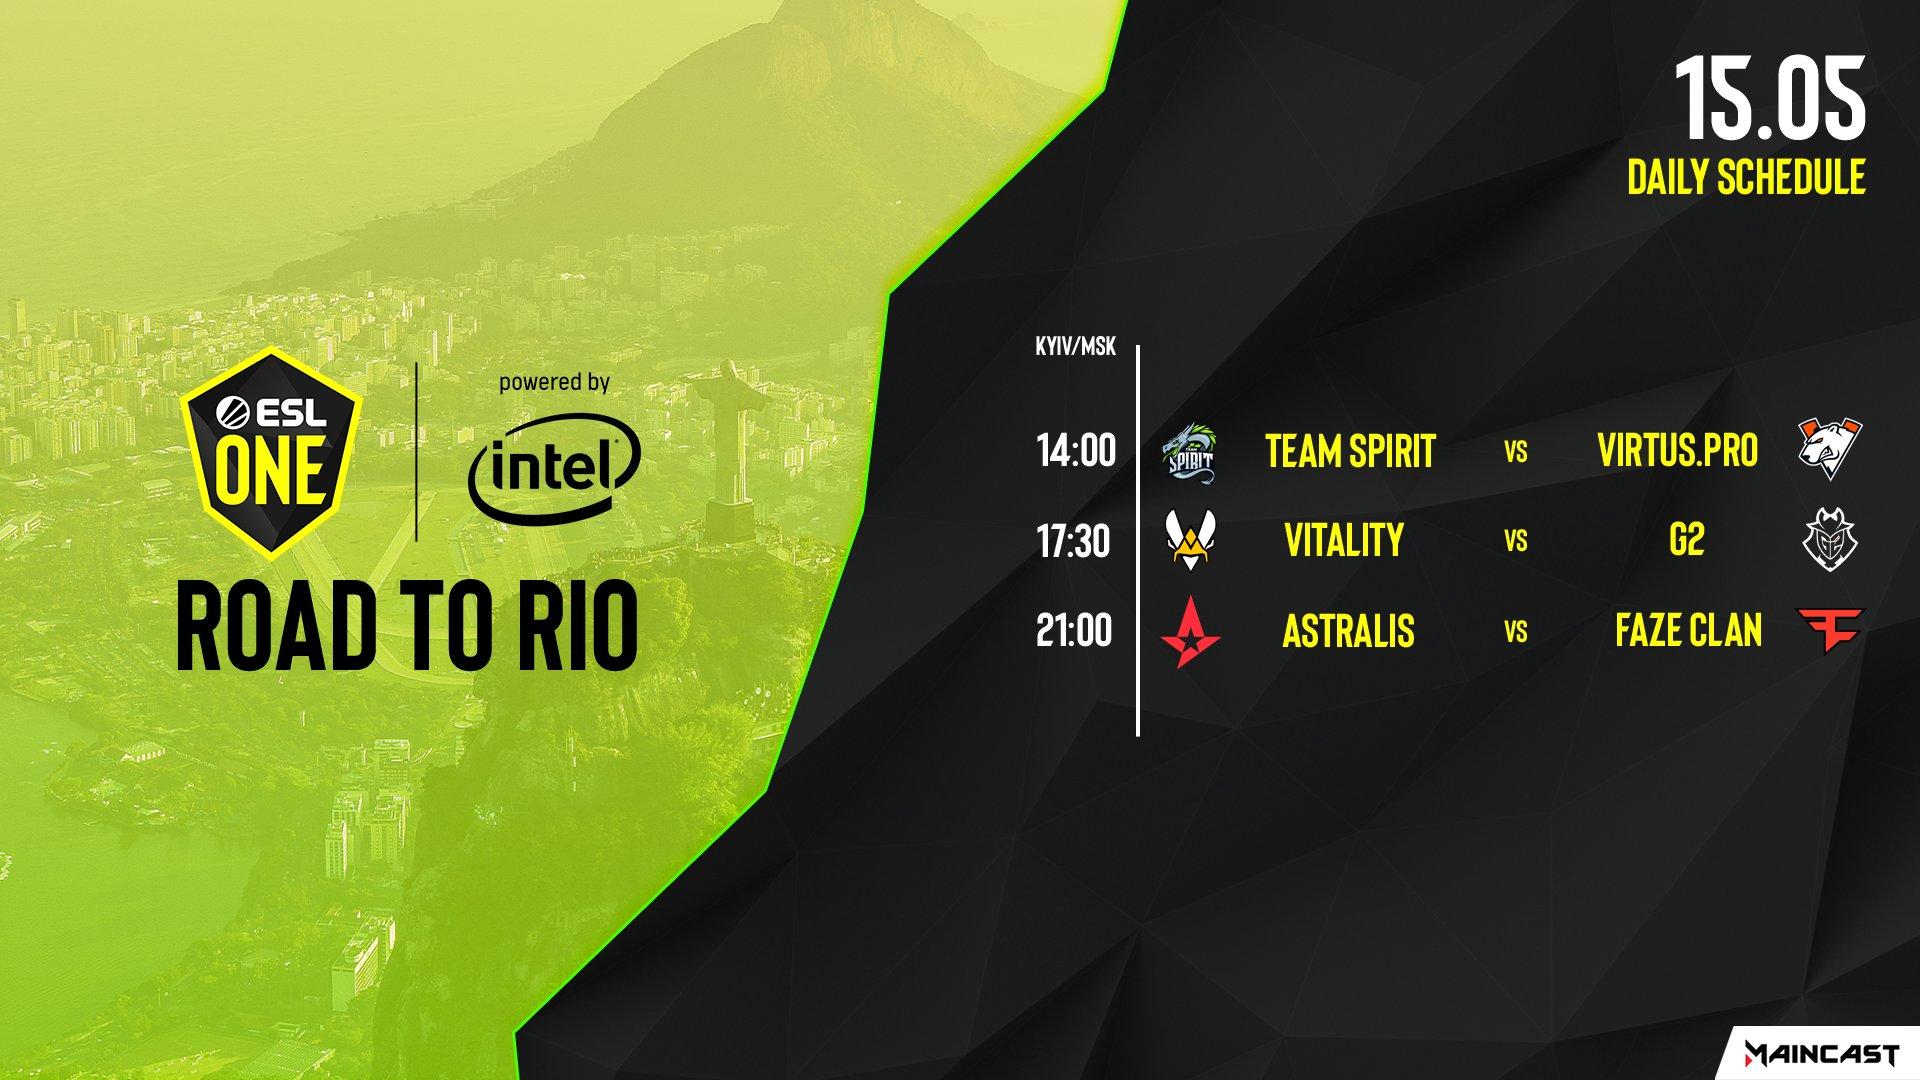 ESL, ESL One Road to Rio, Maincast